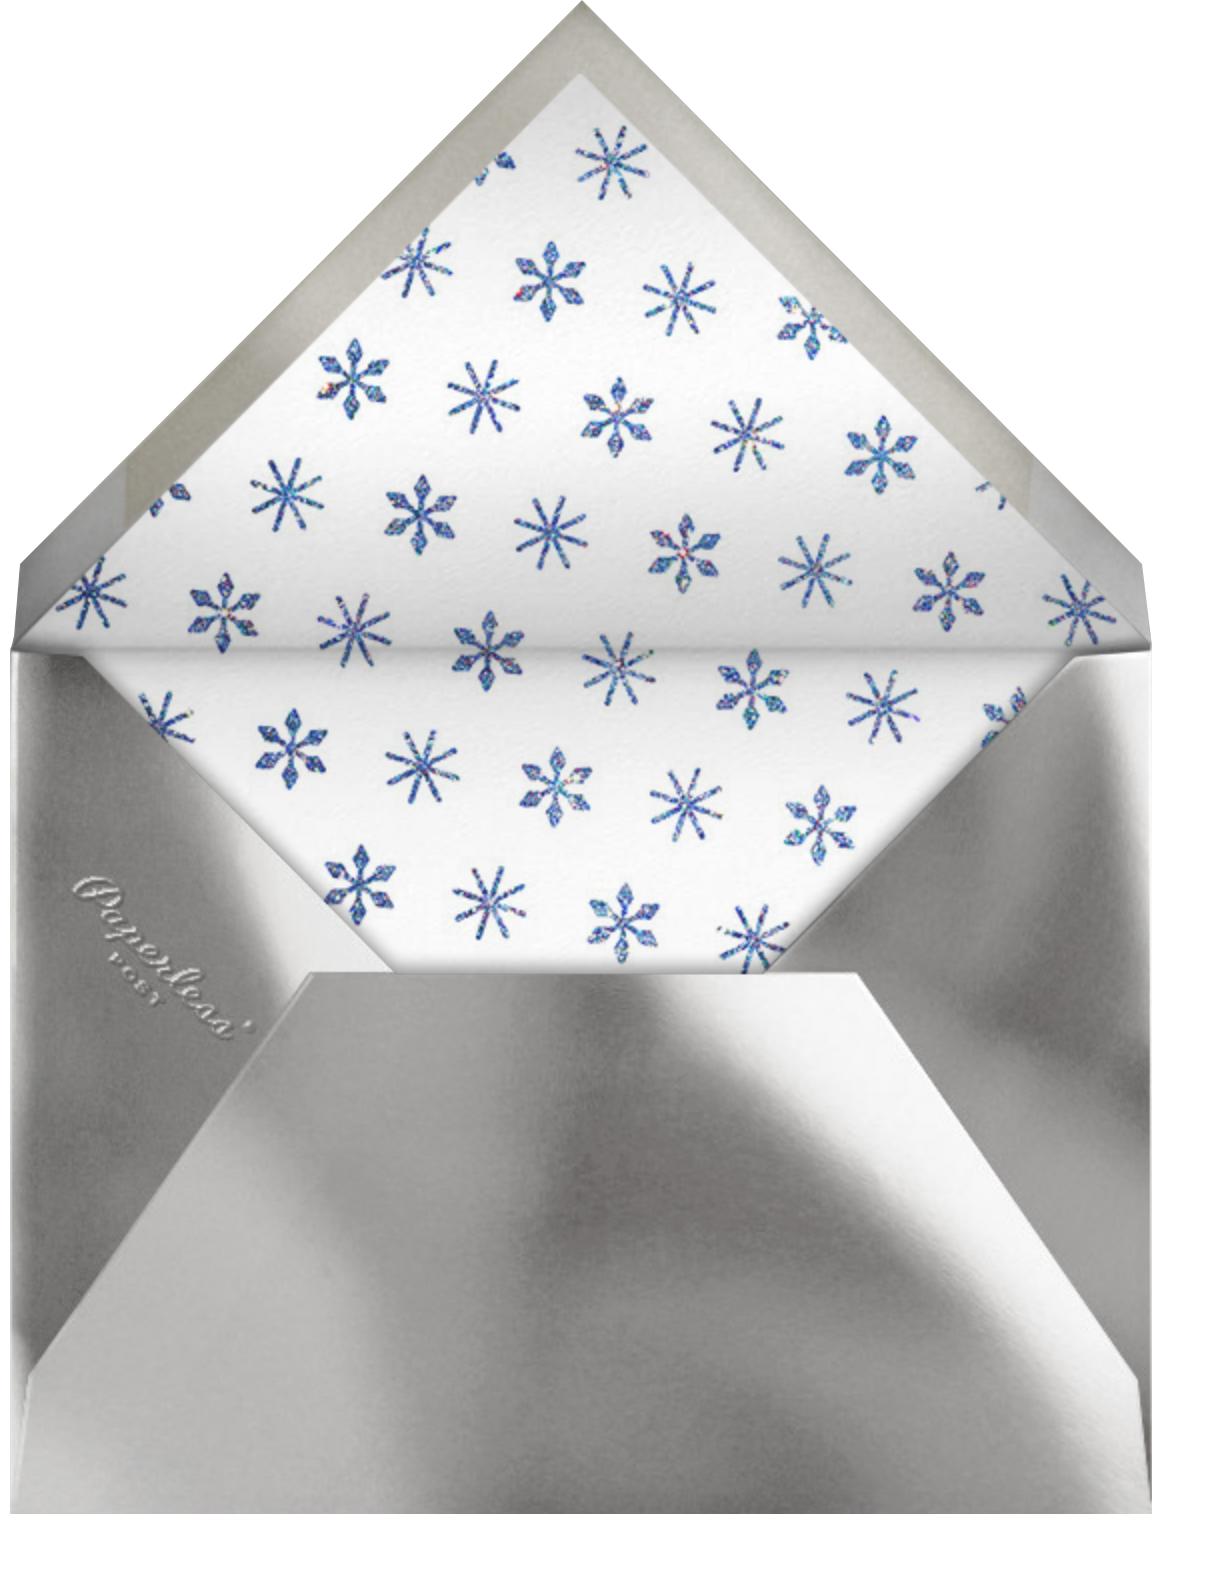 Twinkle Flake - Paperless Post - Envelope